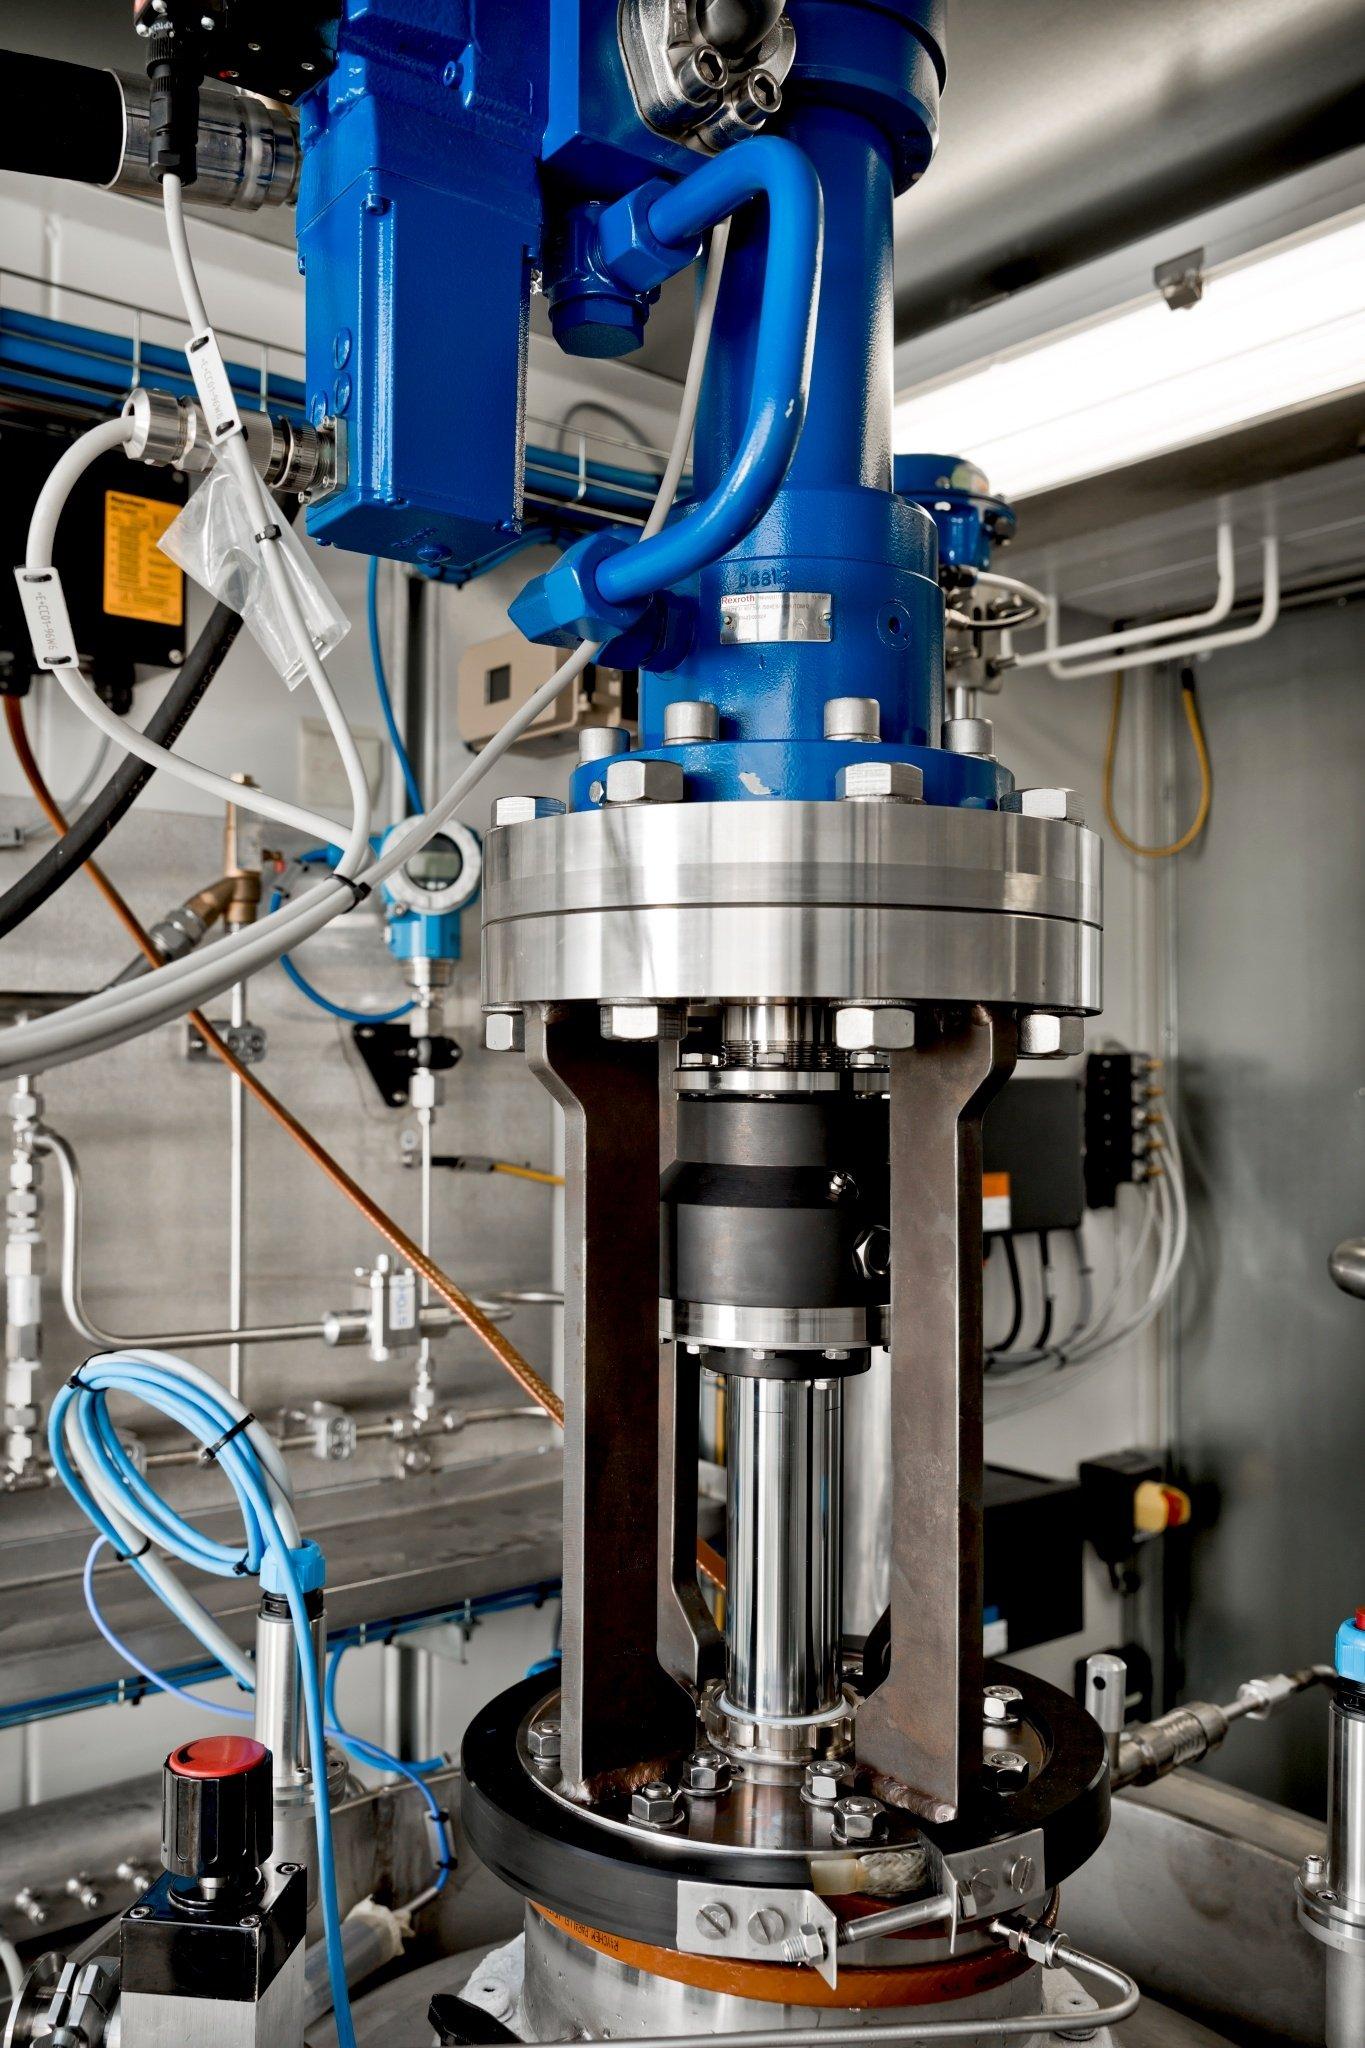 Die Kryopumpe, die Linde auf der Hannover Messe präsentiert, ermöglicht eine Verdichtung des zu betankenden Wasserstoffs auf bis zu 900 bar.